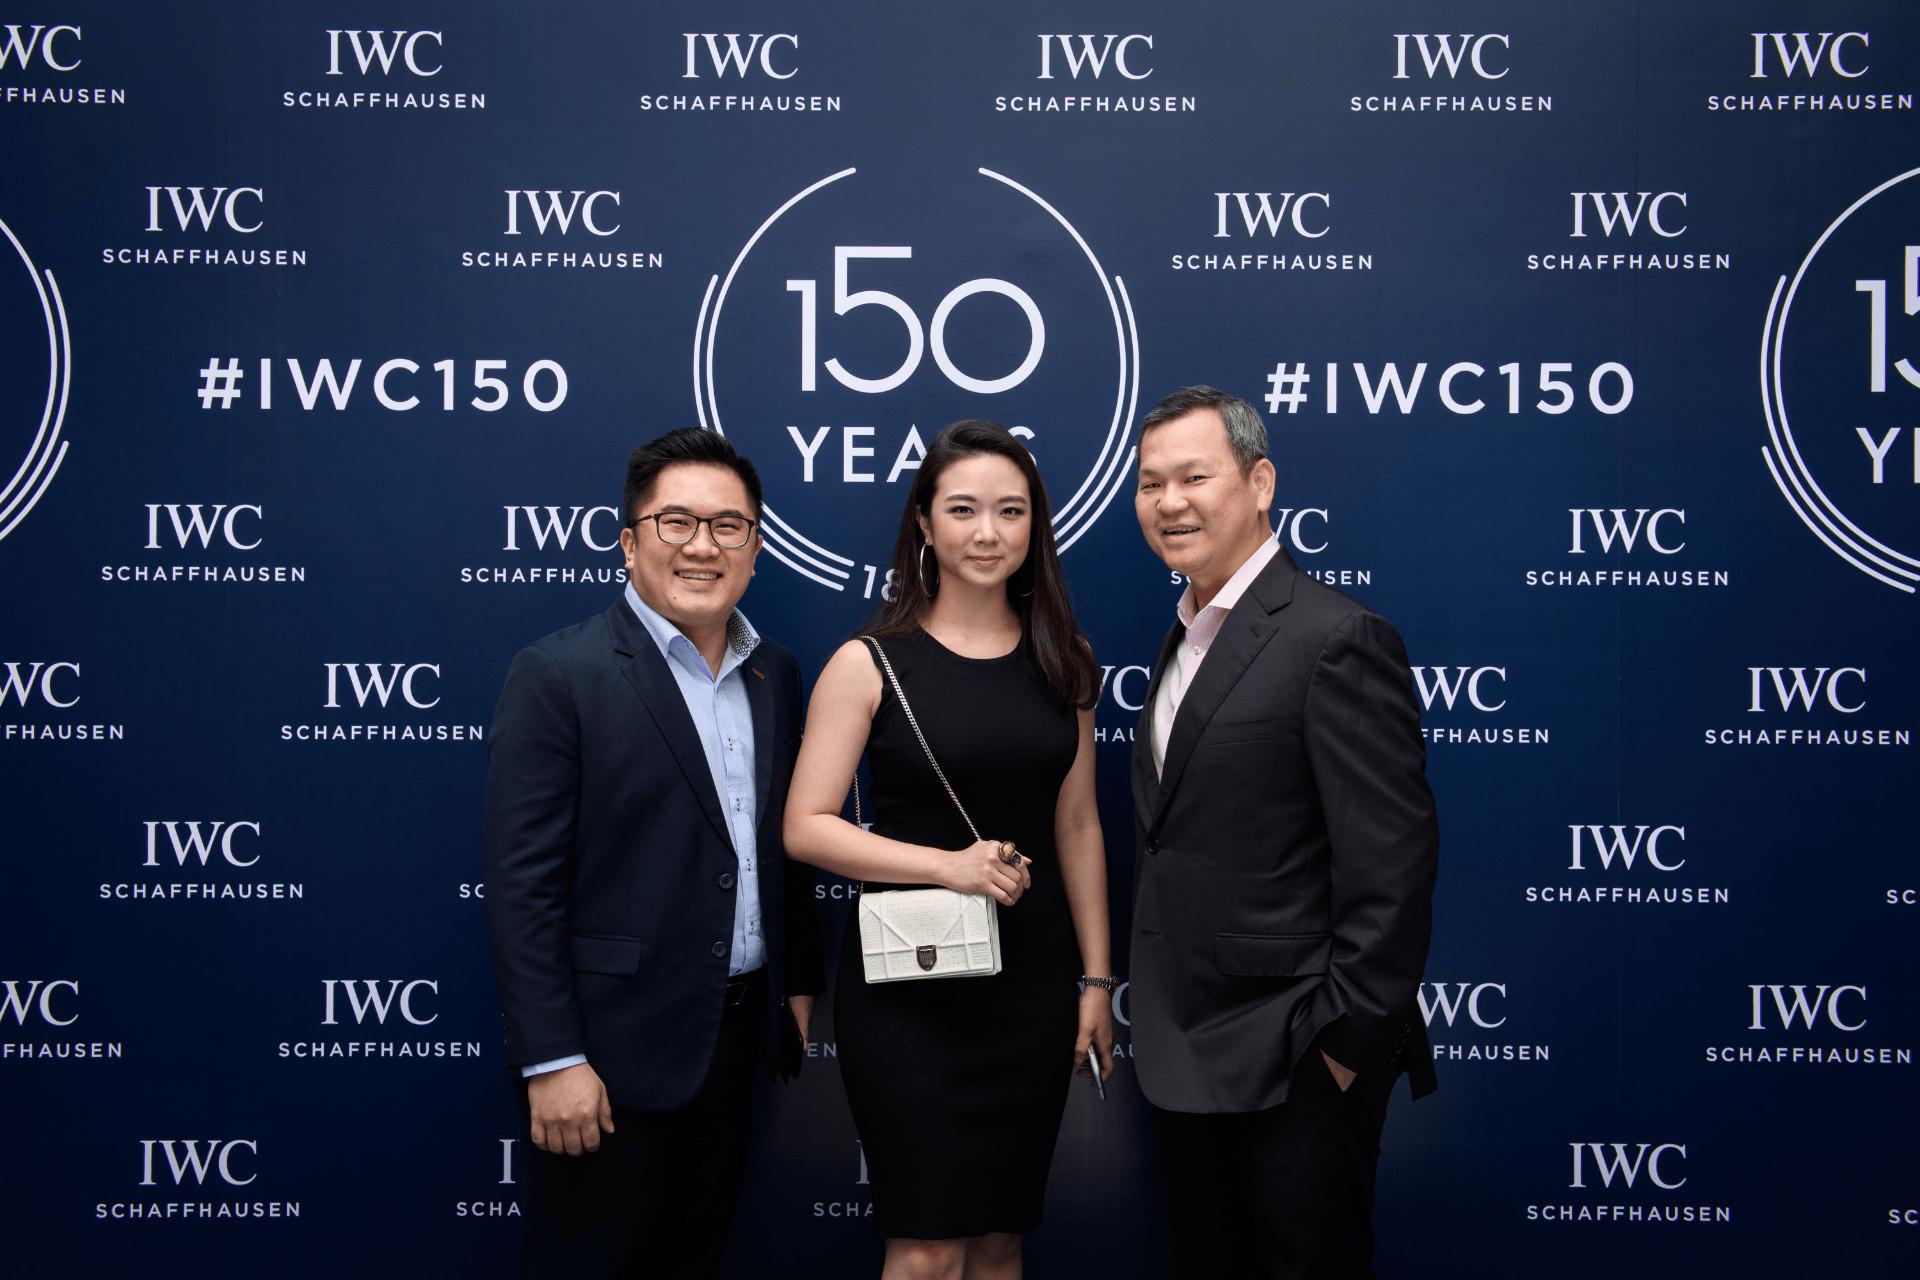 Alfred Koh, Samantha Tan and Lee Siew Hoong